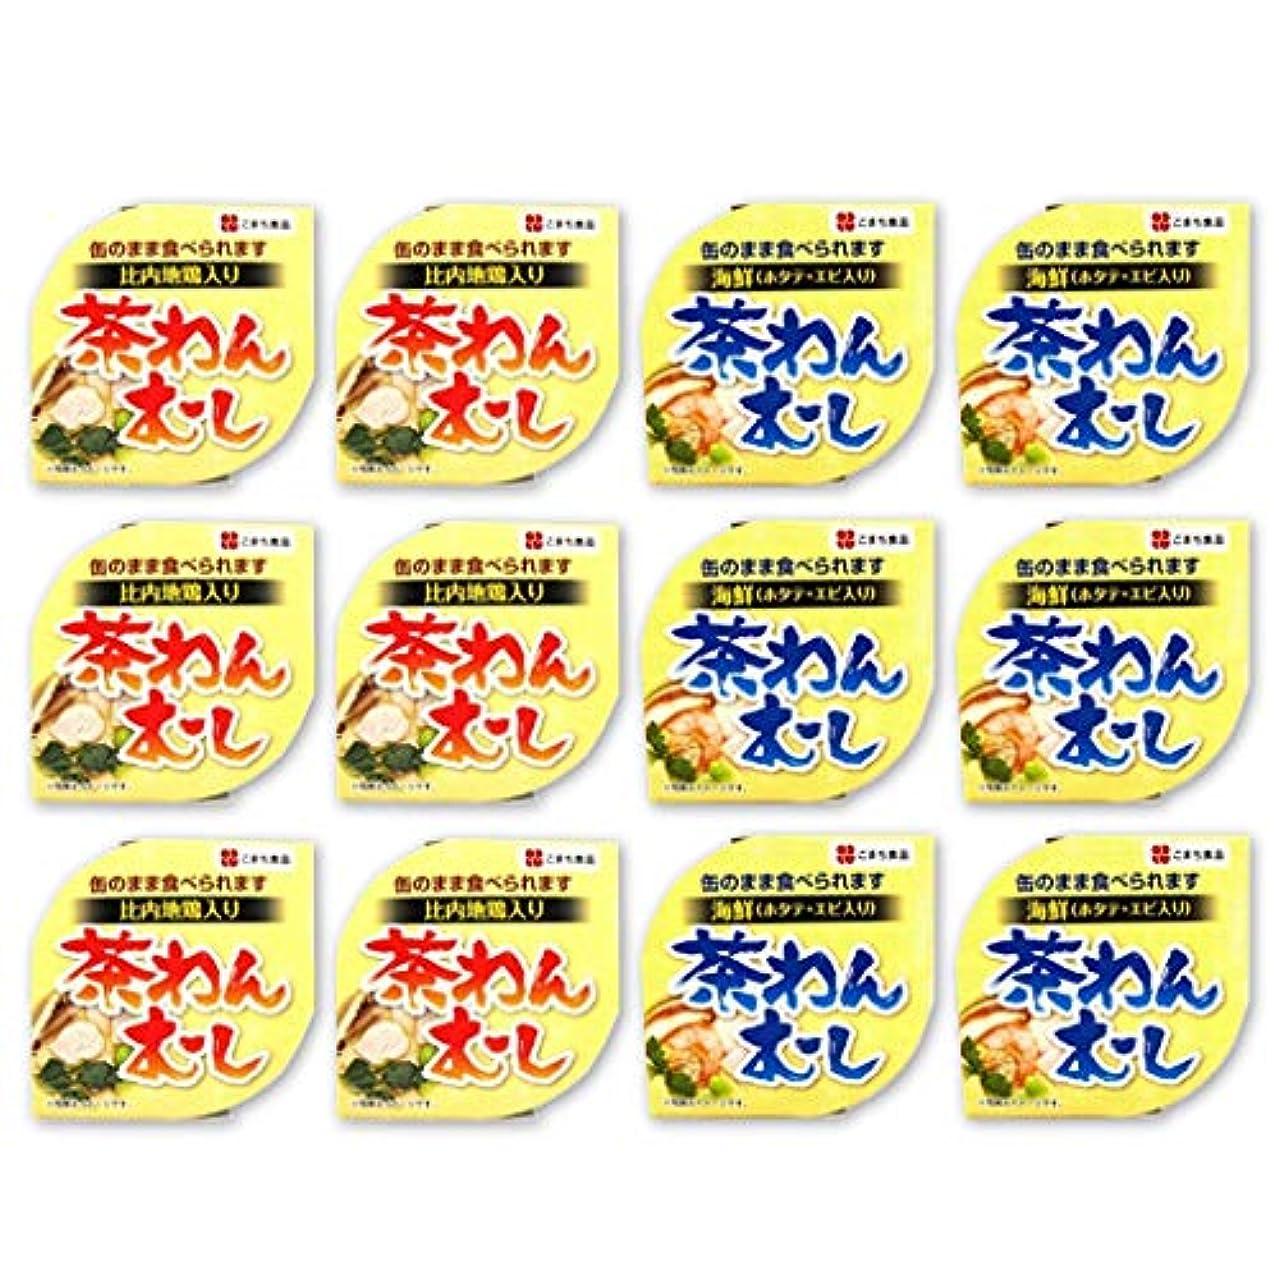 構築する遺体安置所ラッドヤードキップリング業界初 比内地鶏入り 海鮮 よりどり茶わんむし缶詰め 90g×12缶セット こまち食品 なめらかな食感 出汁の風味 やさしい味